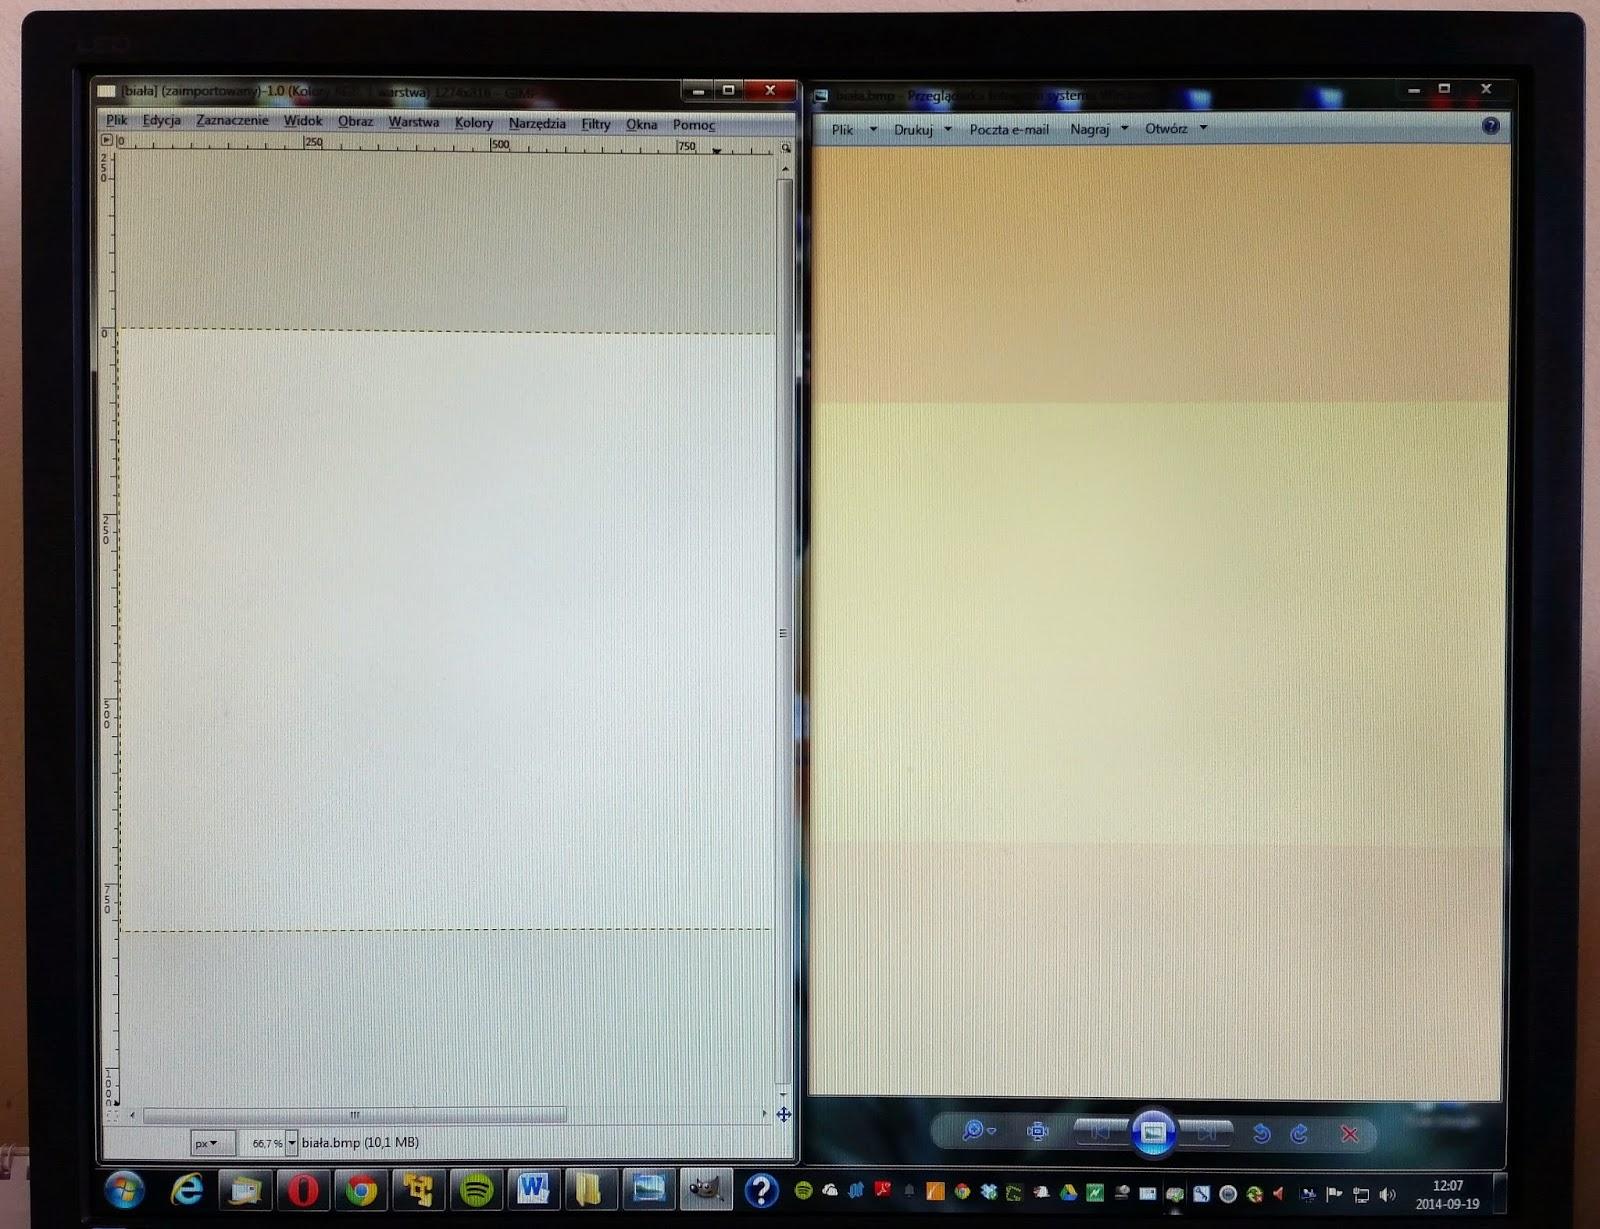 Zdjęcie monitora z programem Gimp po lewej i Przeglądarką fotografii Systemu Windows po prawej stronie